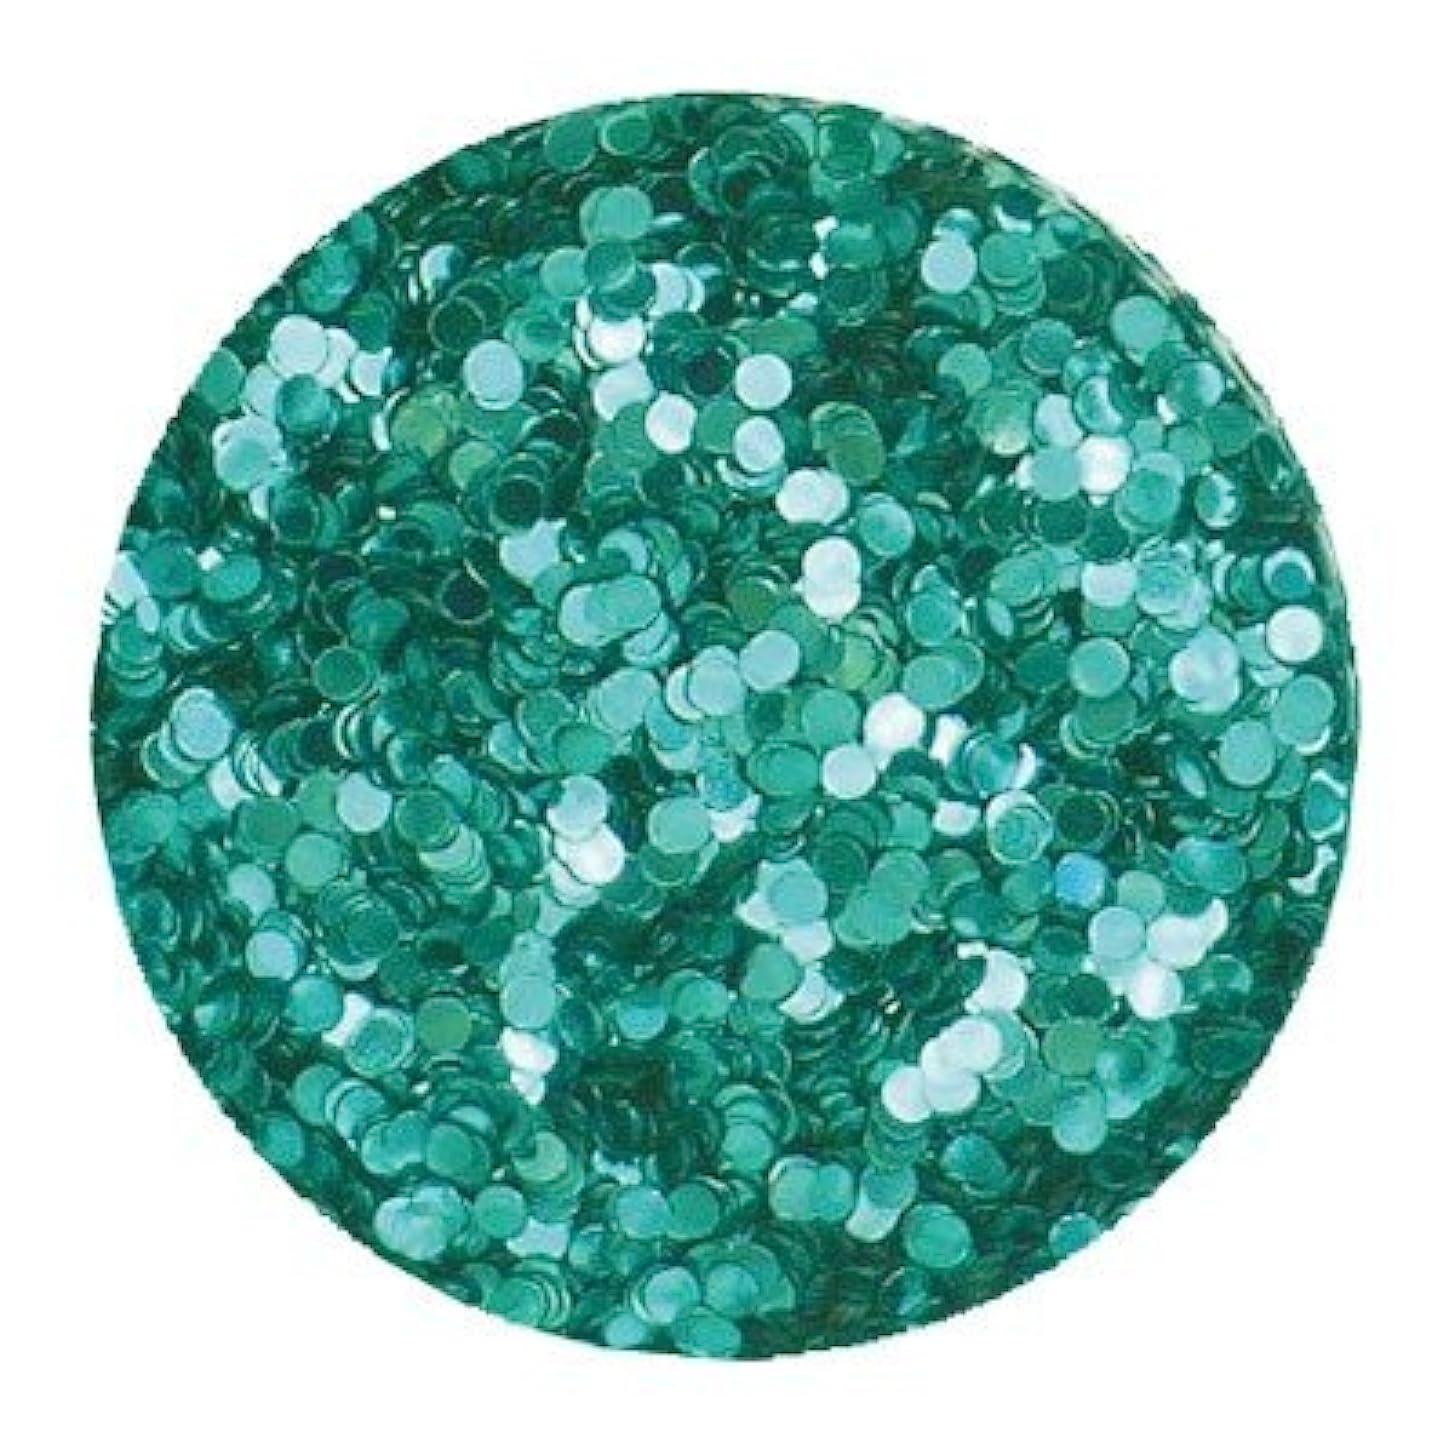 住む人工ちっちゃいエリコネイルメタリックブルーグリーン1mm